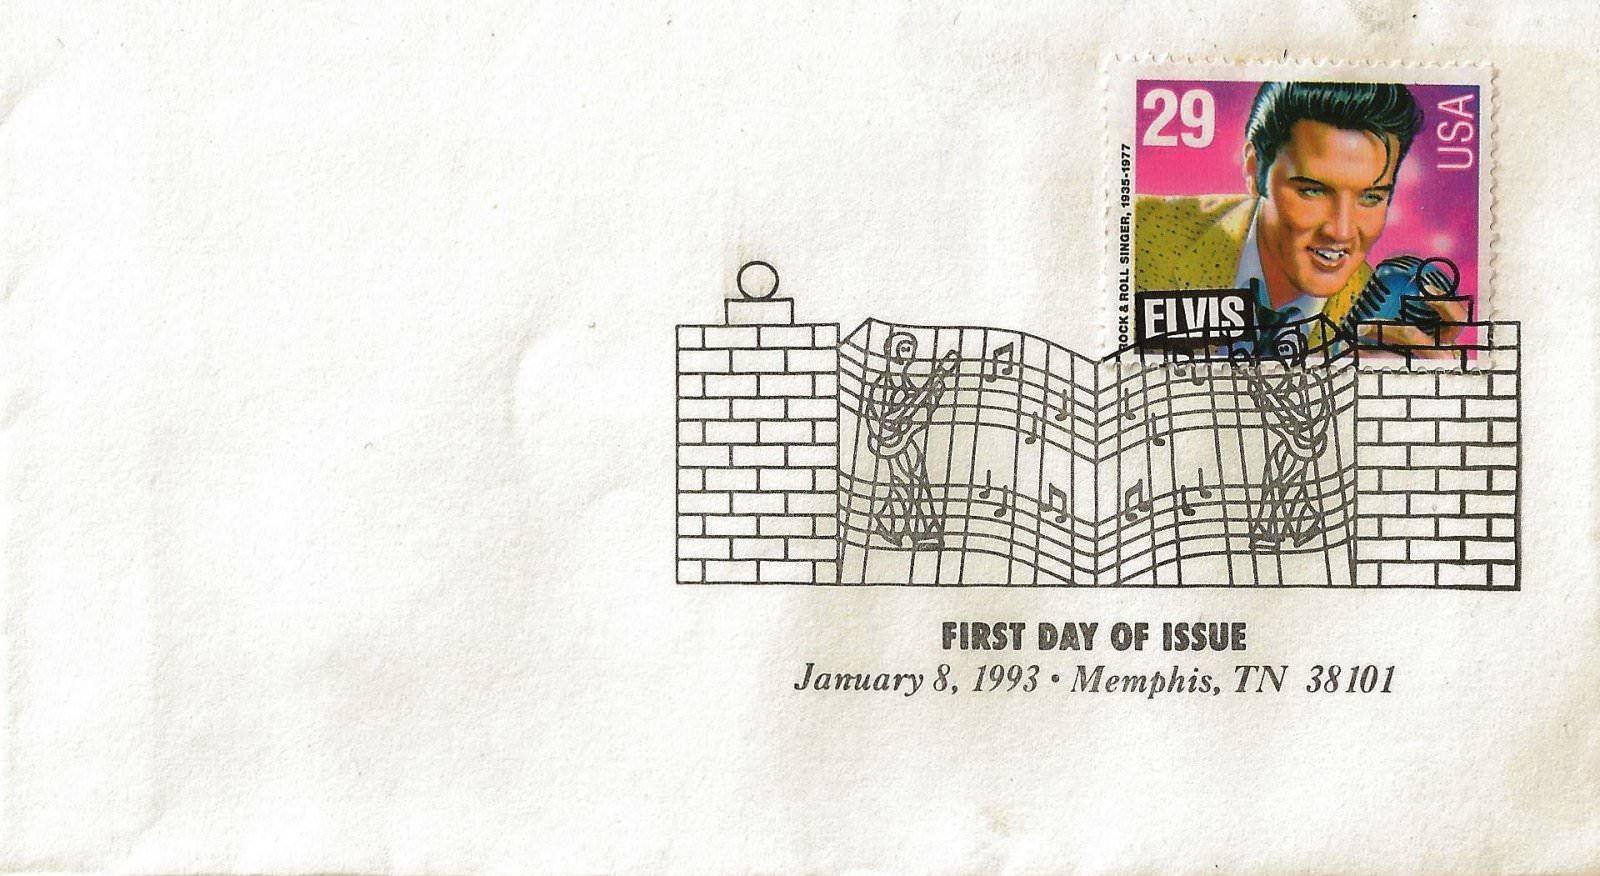 1993 elvis